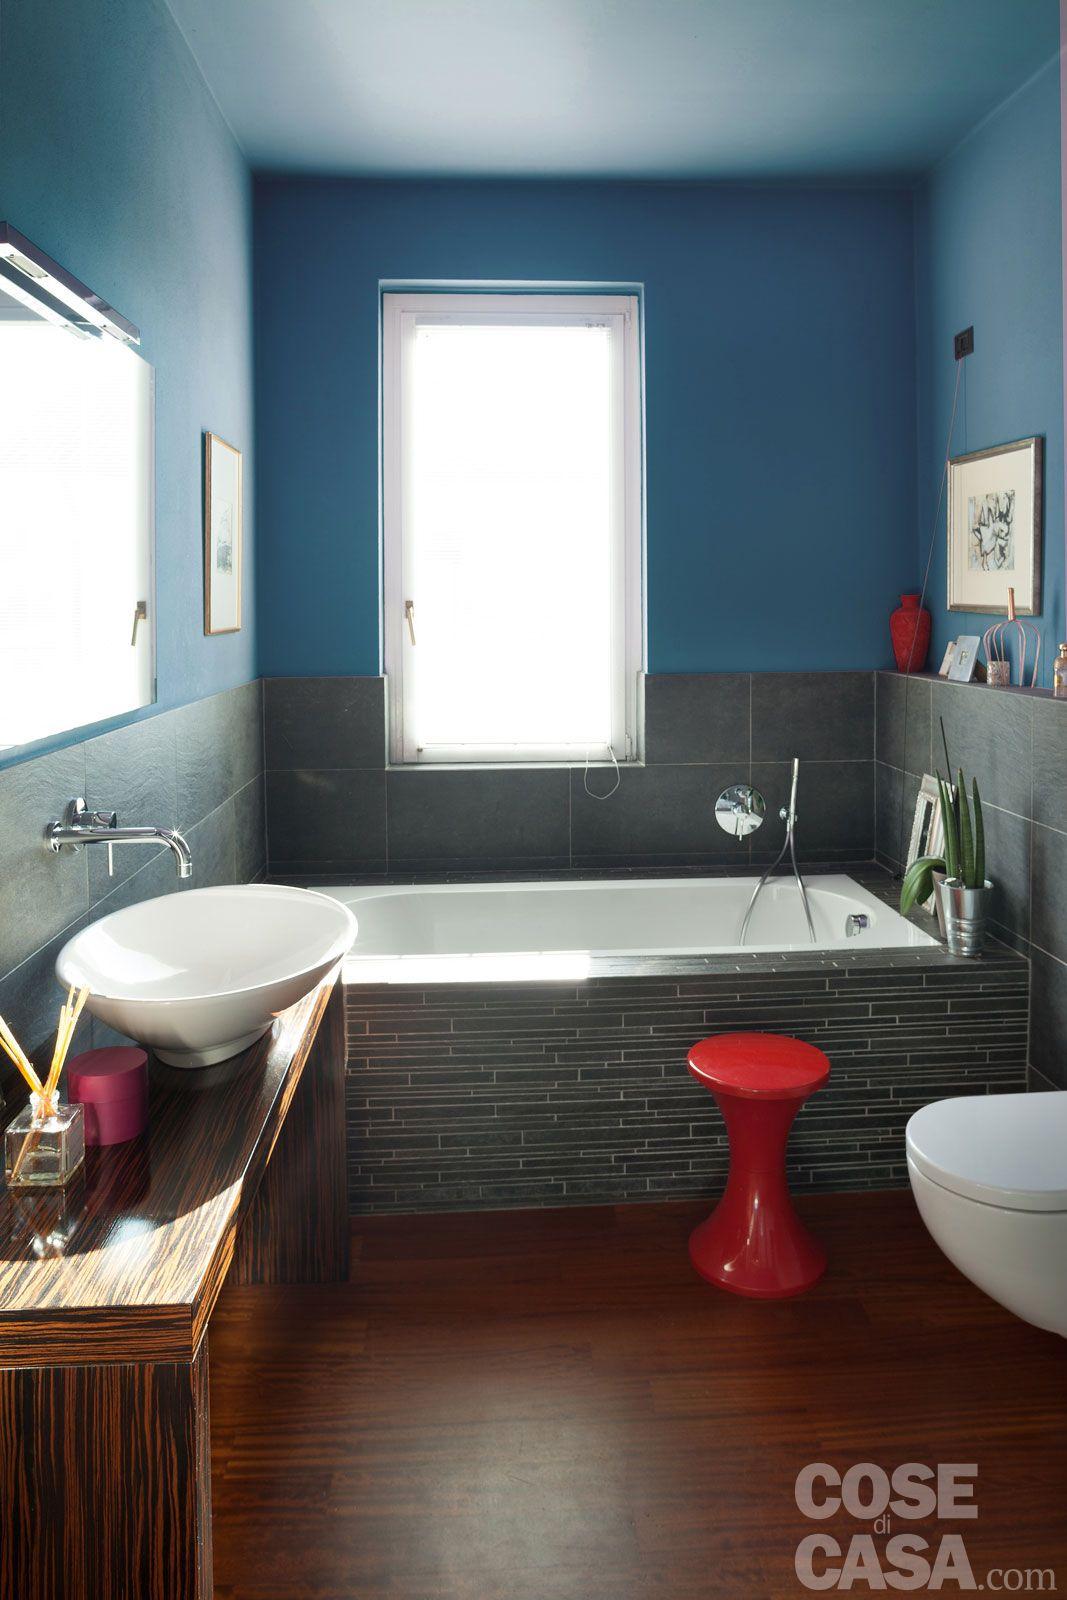 Bagno Moderno Con Gradino.Se Bagno Moderno Con Vasca Incassata Filo Pavimento Di